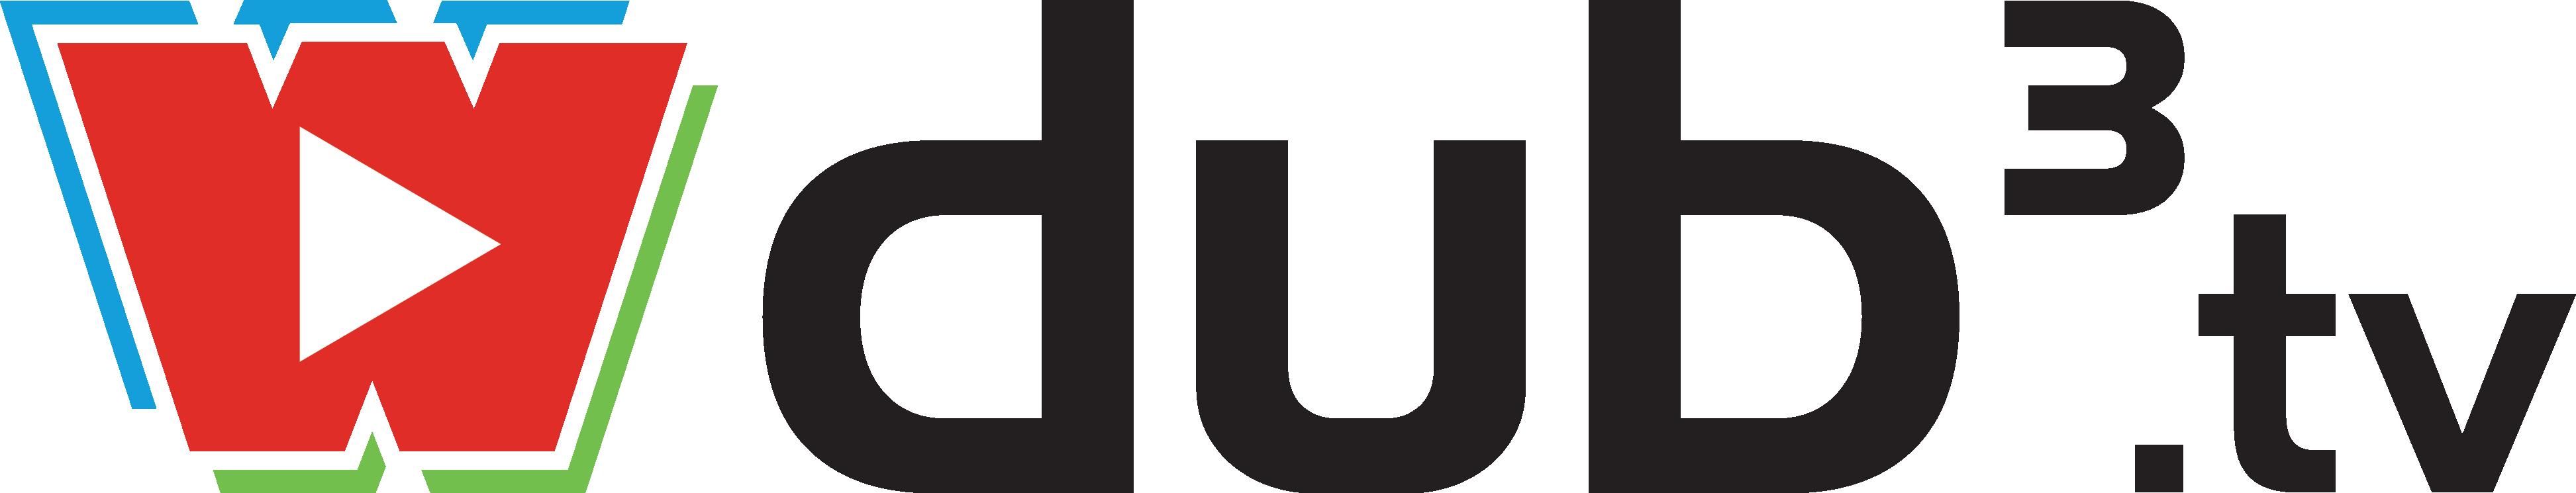 Dub3 tv